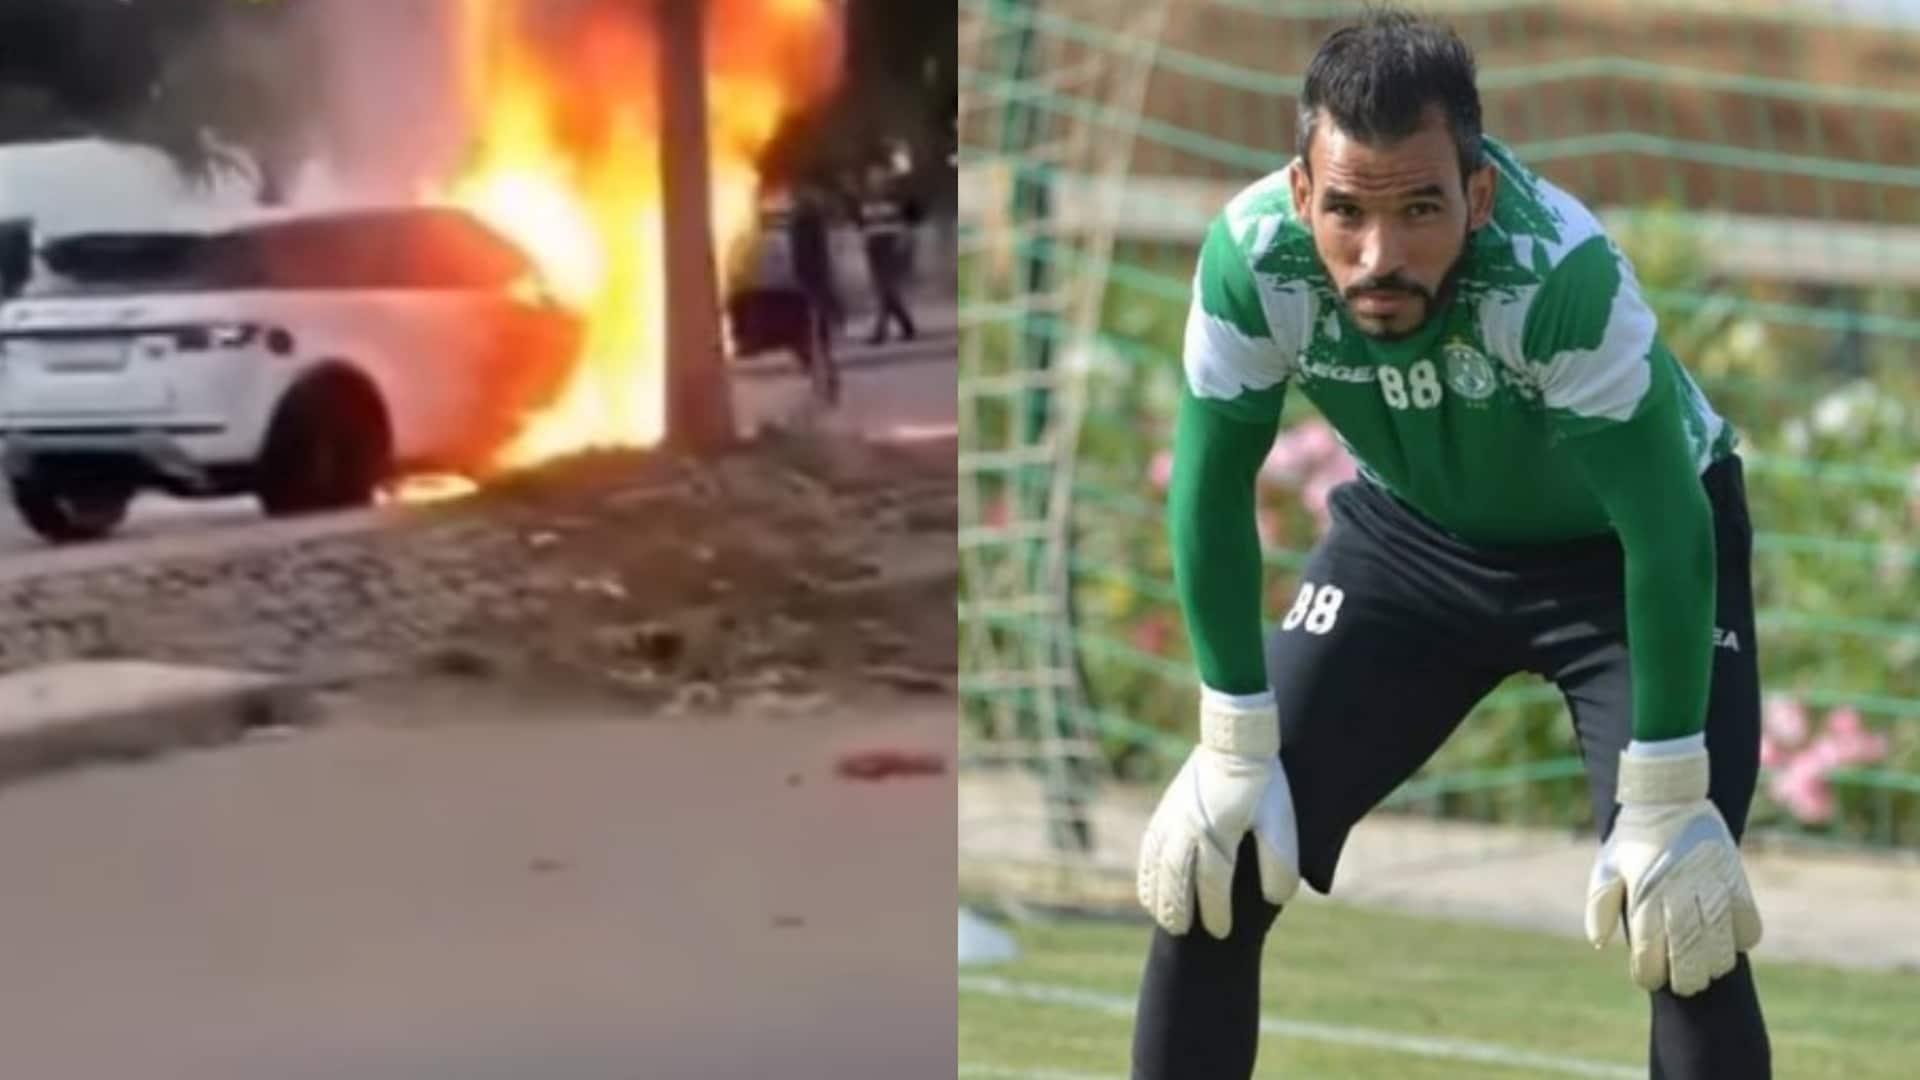 """بالفيديو: حارس الرجاء المغربي """"بوعميرة"""" ينجو بأعجوبة من حادث مروع بعد اشتعال سيارته"""